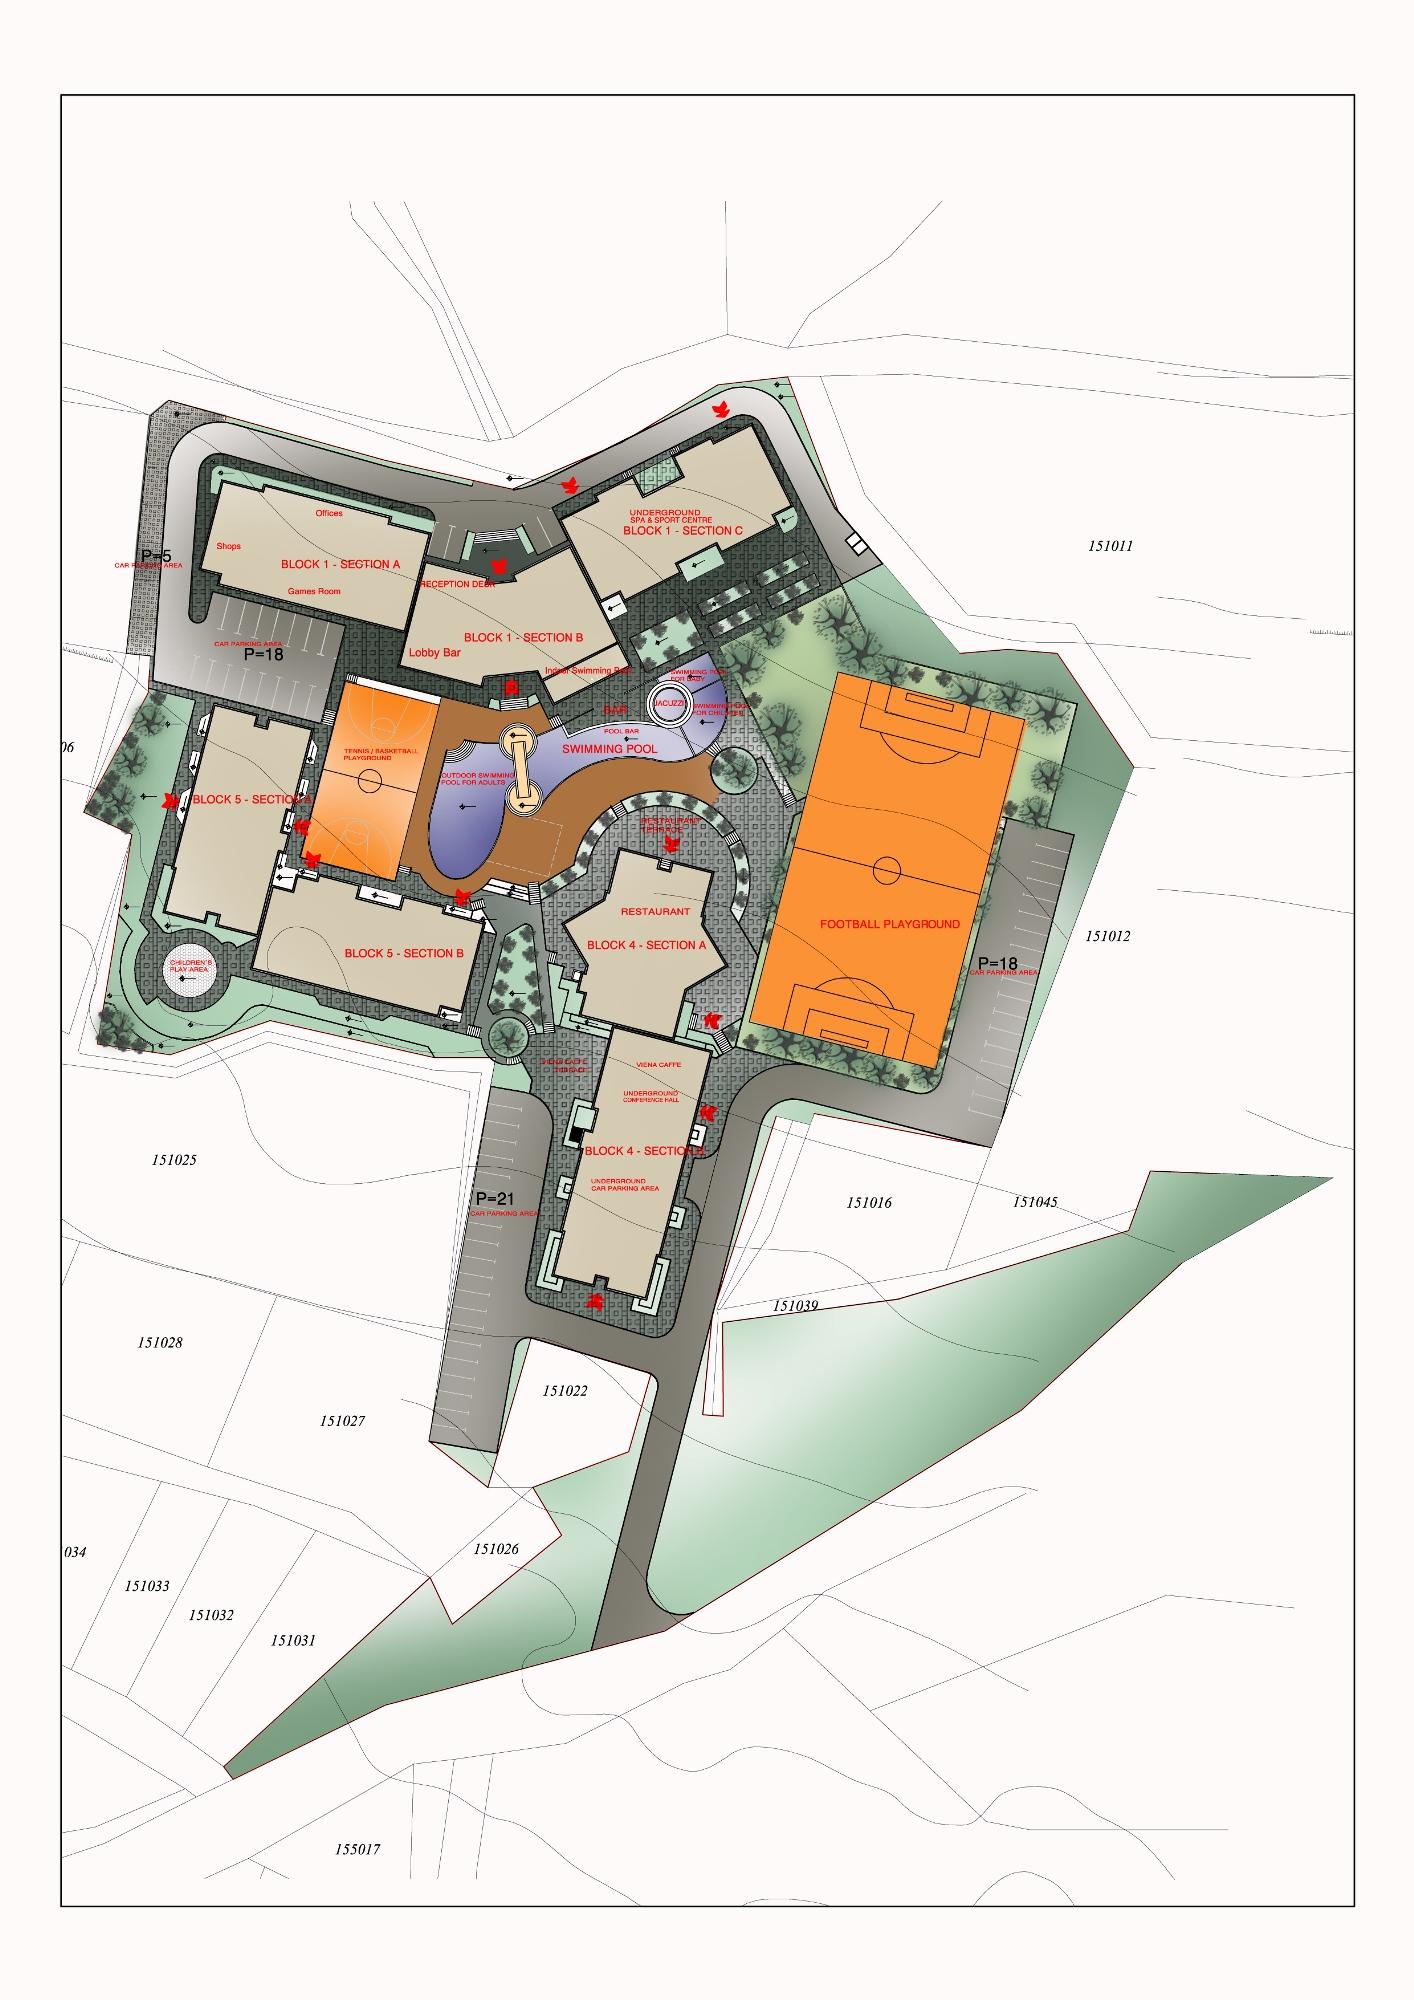 Генерален план: Belvedere Holiday Club —вакнционни жилища в комплекс с всички екстри, до кабинковия лифт на Банско